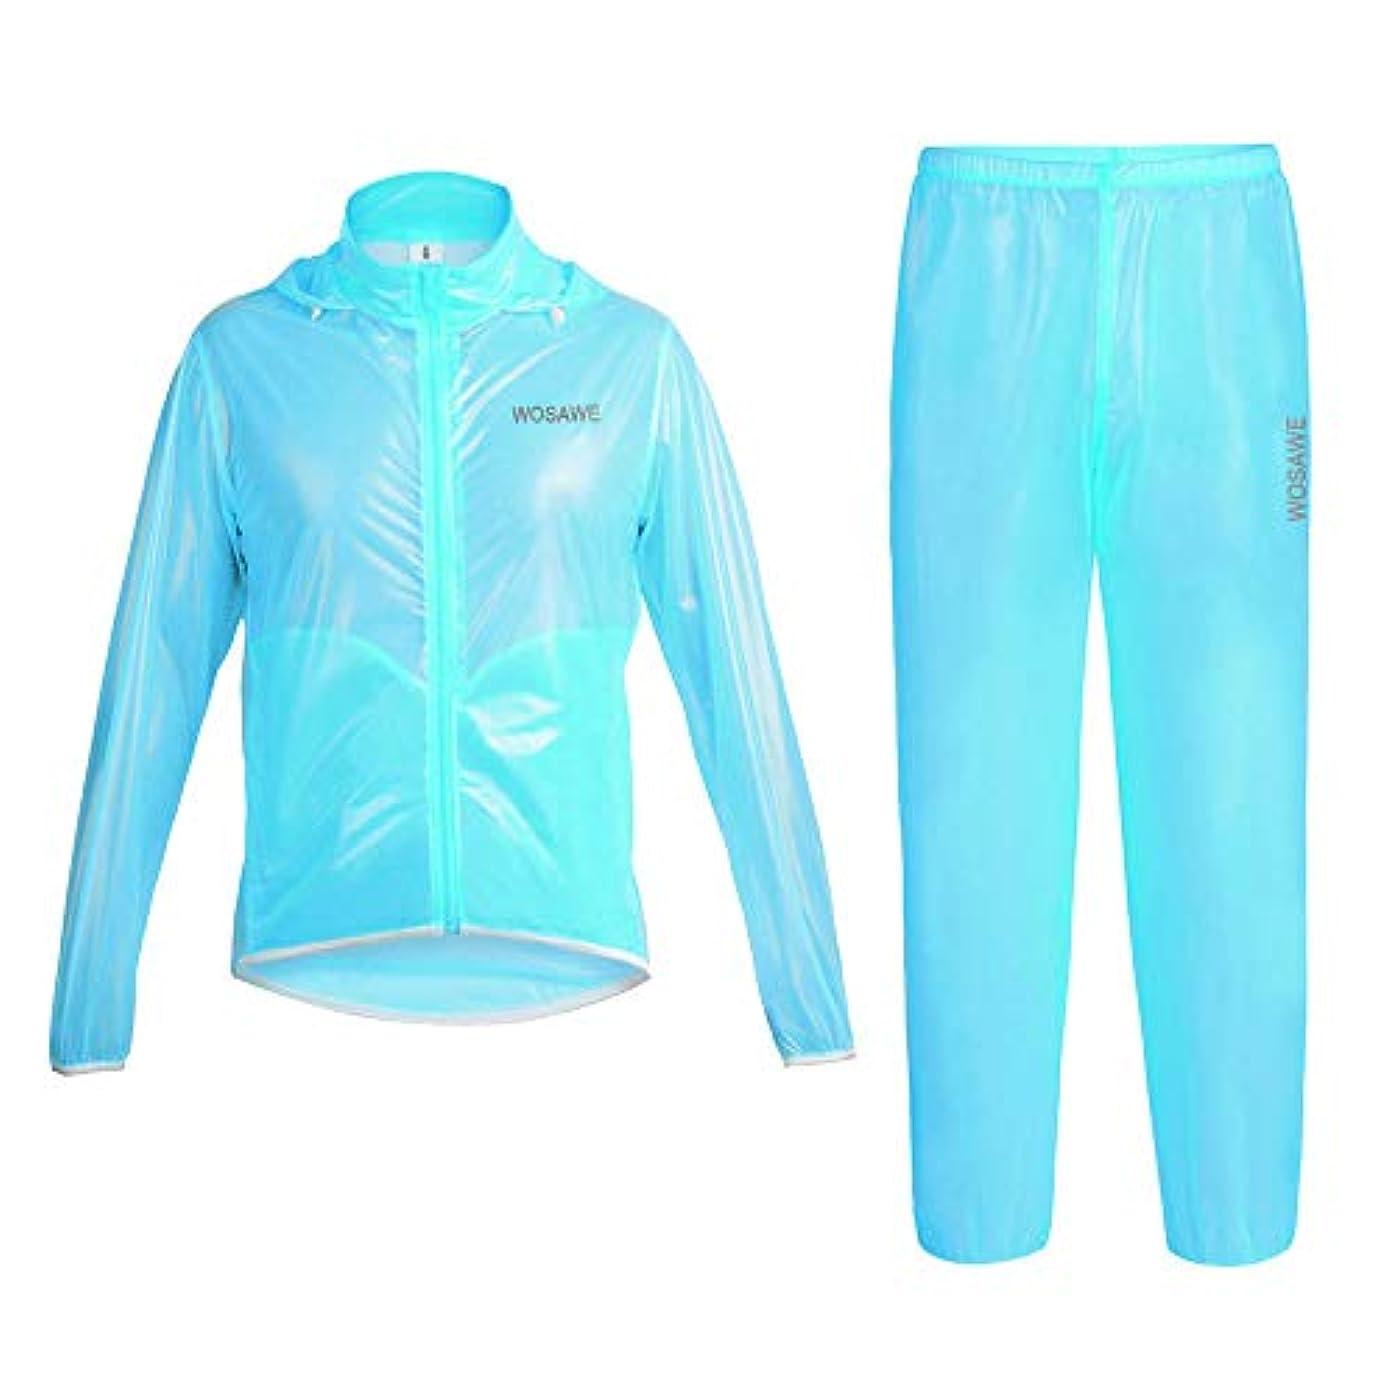 ギャラリーモニカ別れる防水ポータブルレインコート 防水レインジャケット、レインコートフード付きポンチョスーツオートバイレインコートパンツは、アウトドア活動のための保護装置を設定 再利用可能なレインコート (色 : 青, サイズ : L)